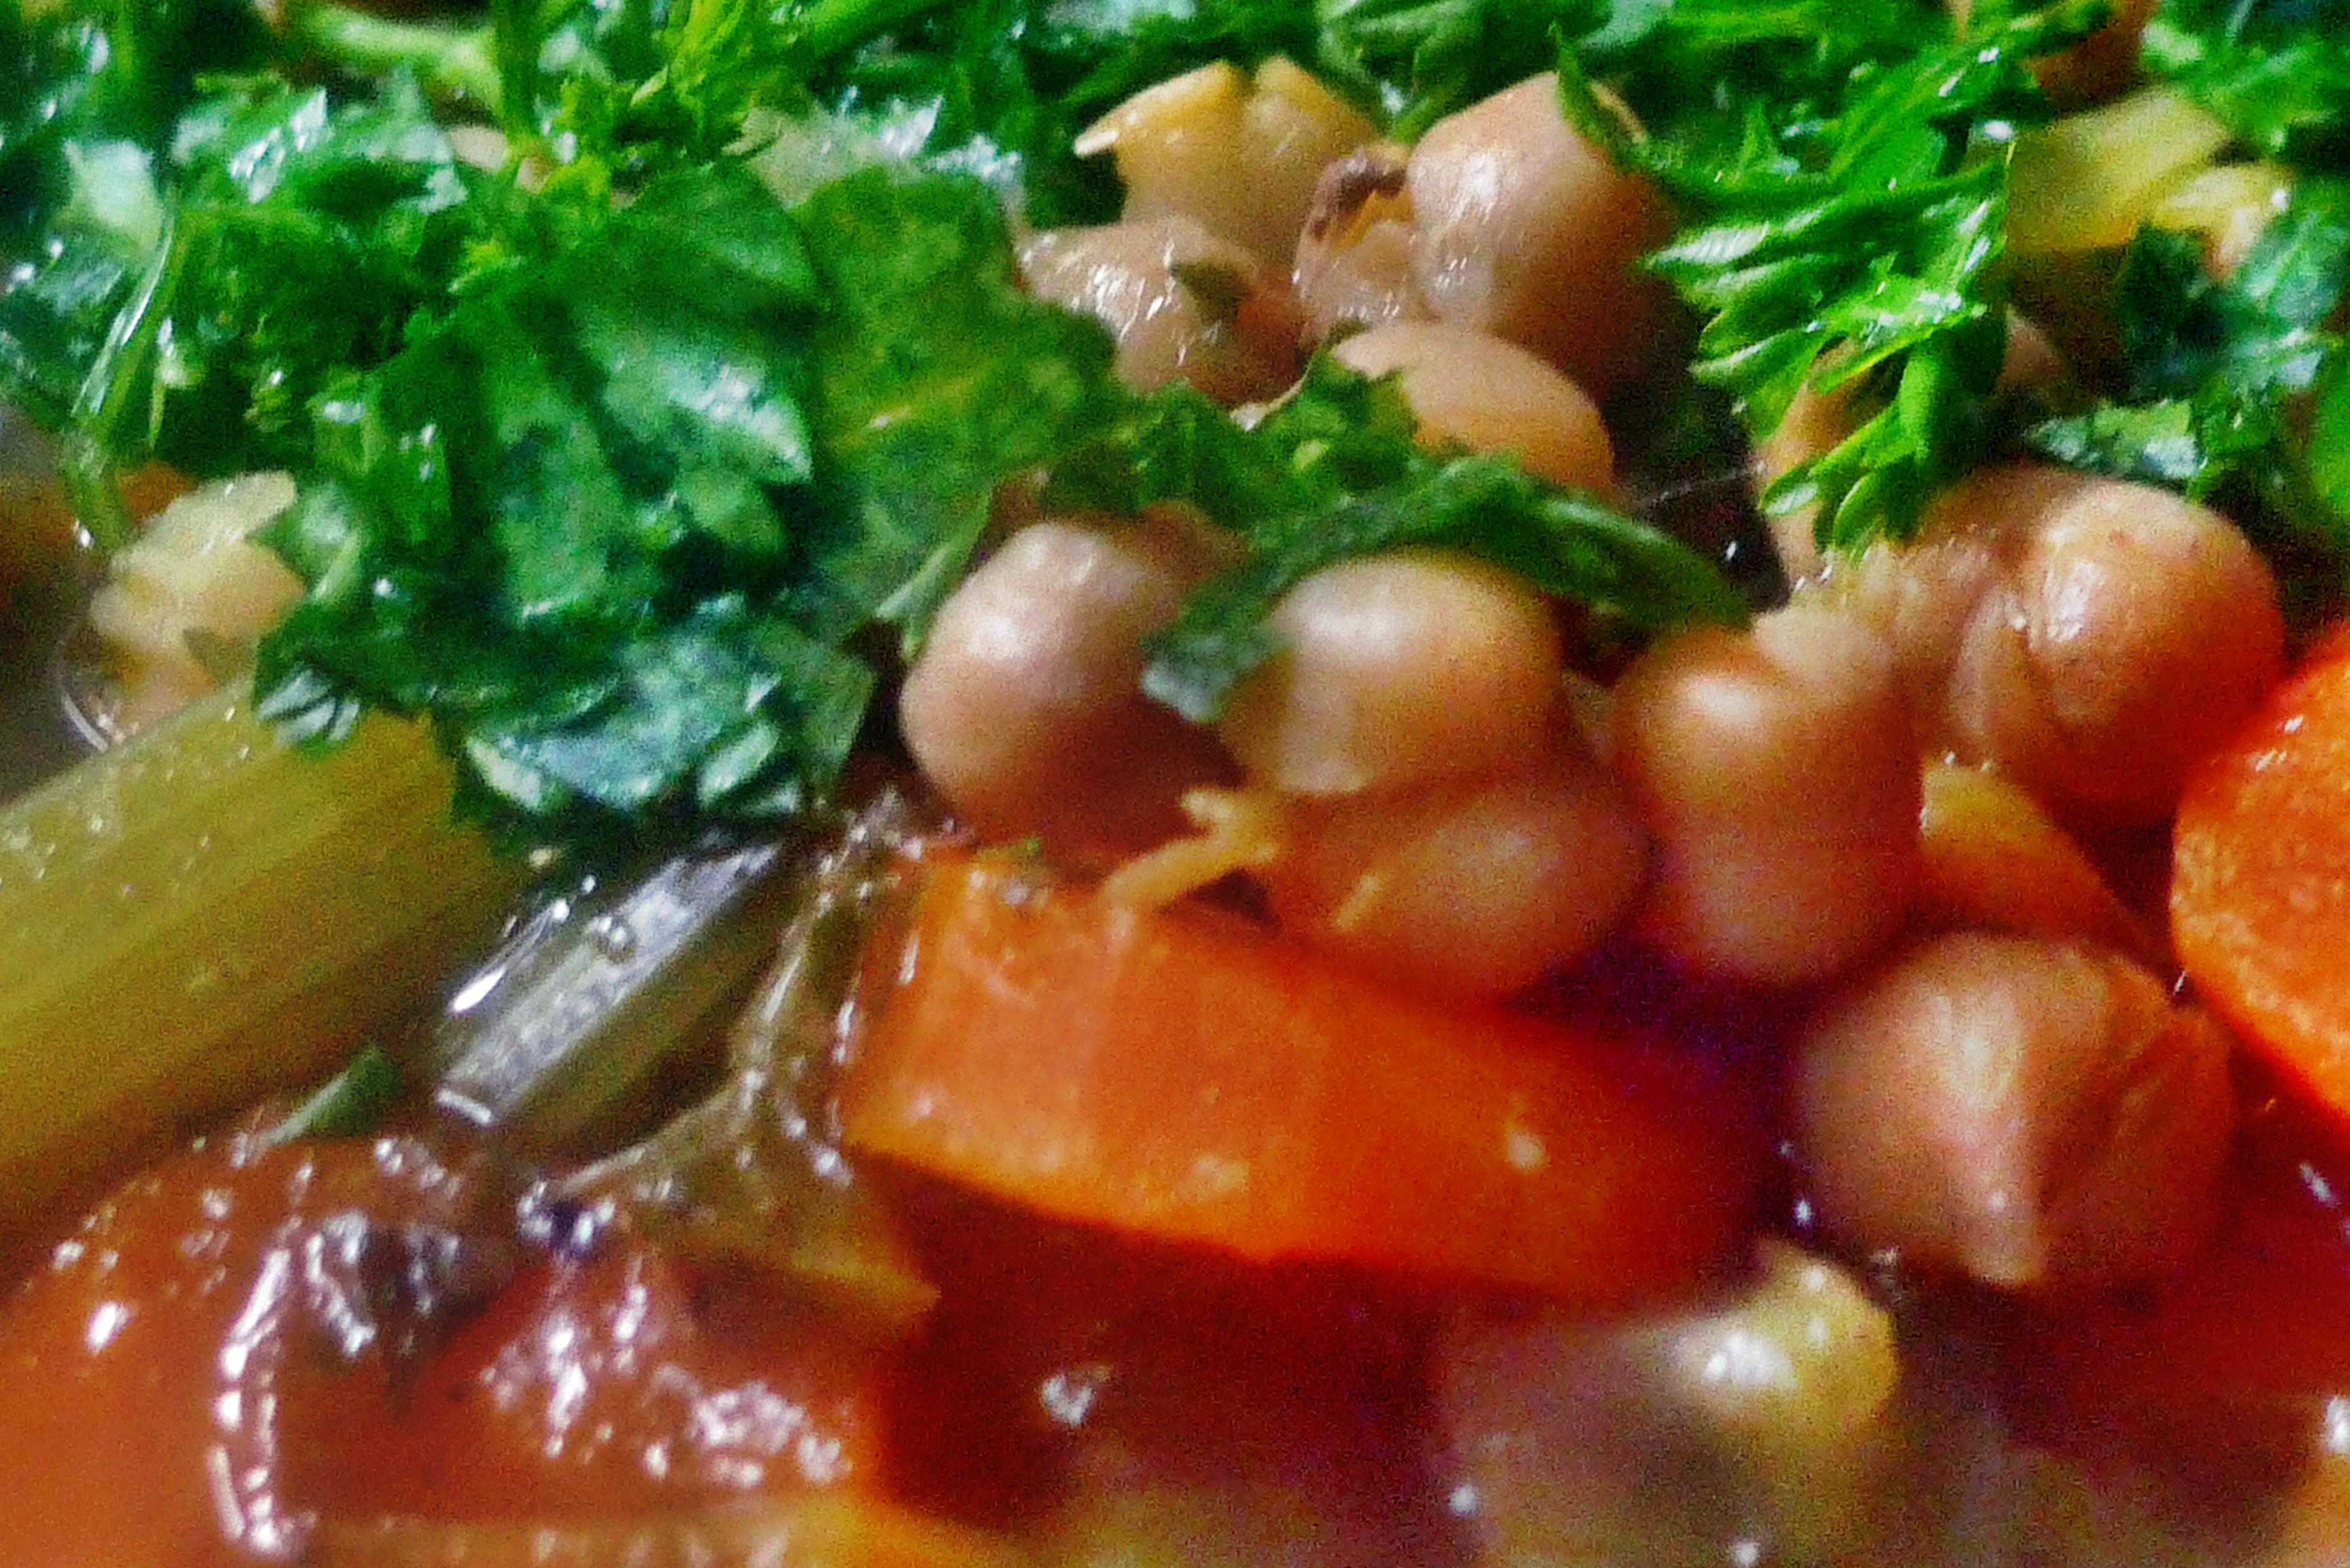 Gemüsesuppe mit Kichererbsen- vegan- 16.10.14   (19)